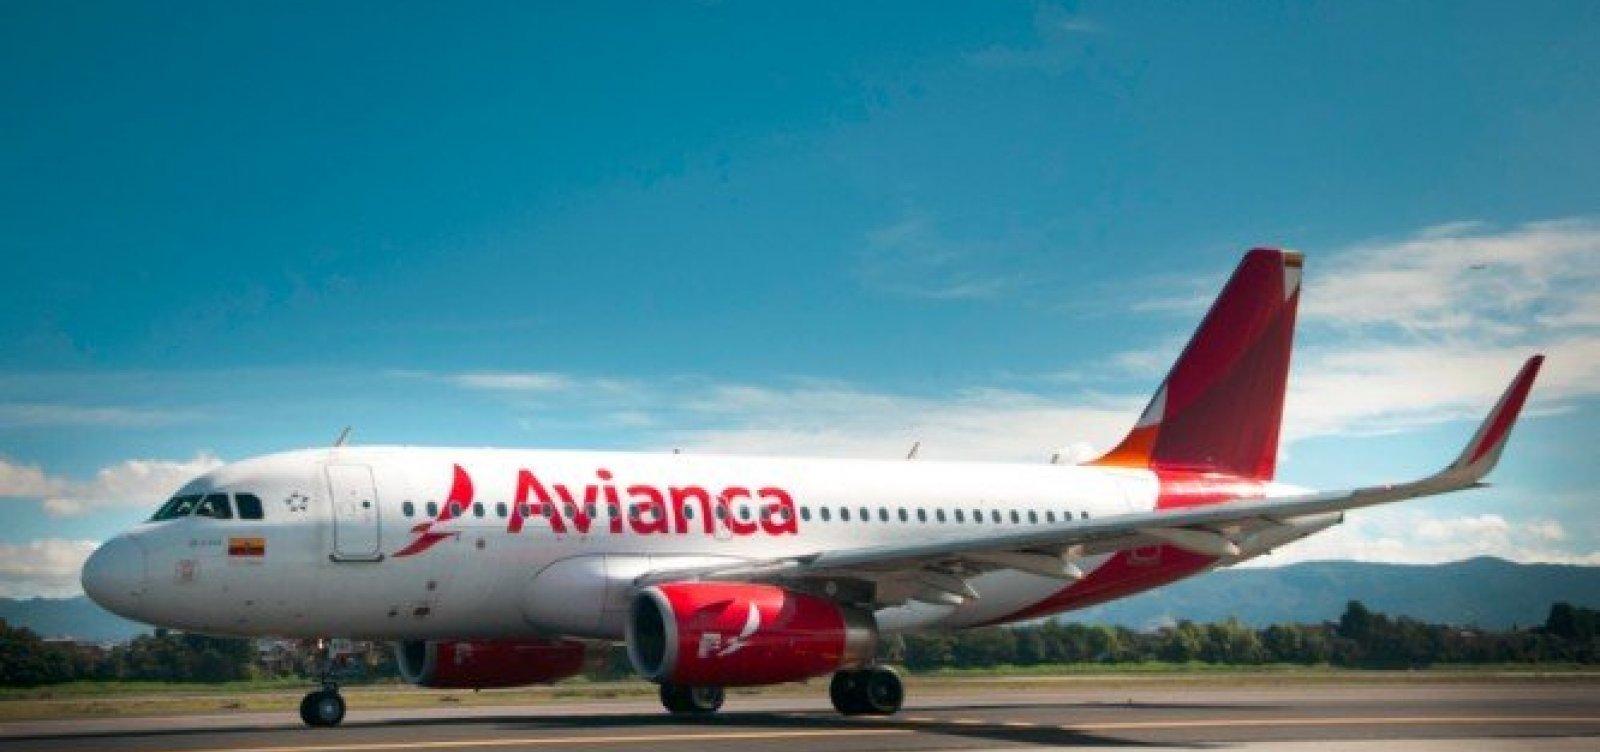 Passageiros deixam avião após oficial de Justiça impedir voo por dívidas da Avianca